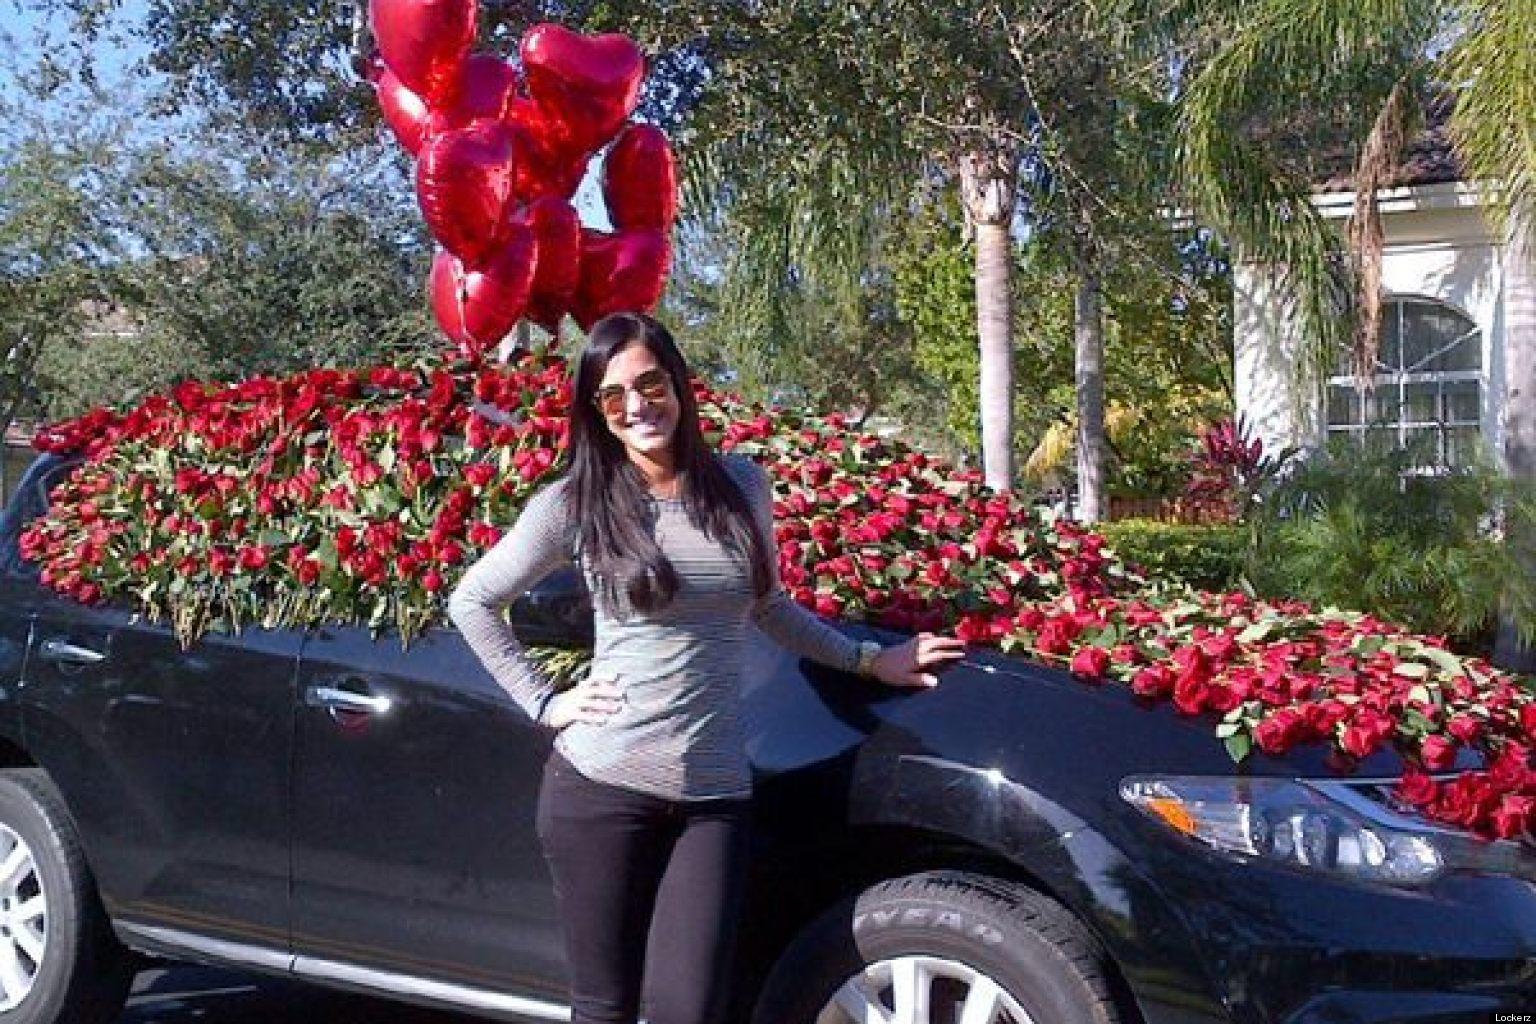 Gaby espino recibe muchas sorpresas para su cumplea os fotos for Cuarto lleno de rosas